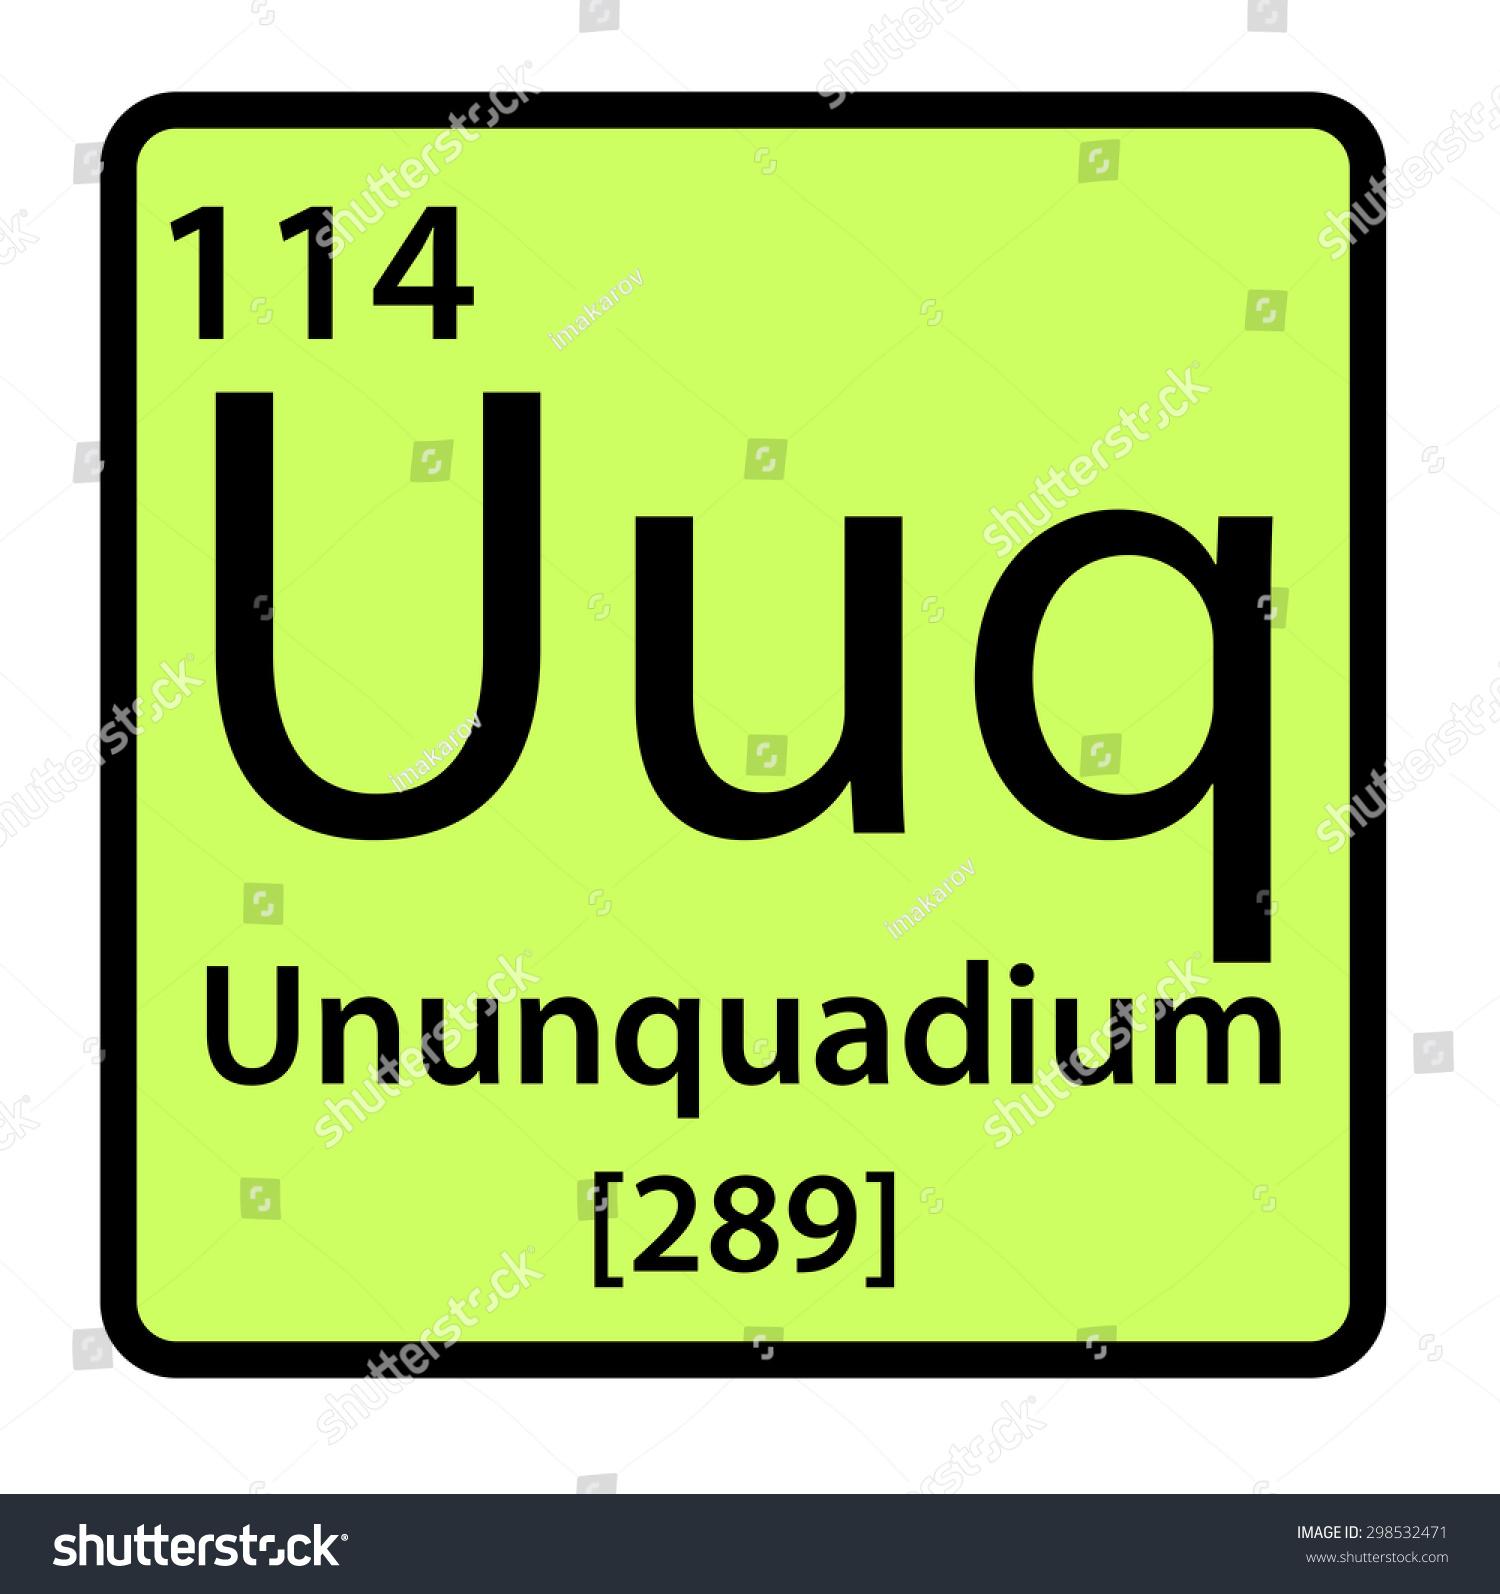 Element ununquadium periodic table stock illustration for 114 element periodic table